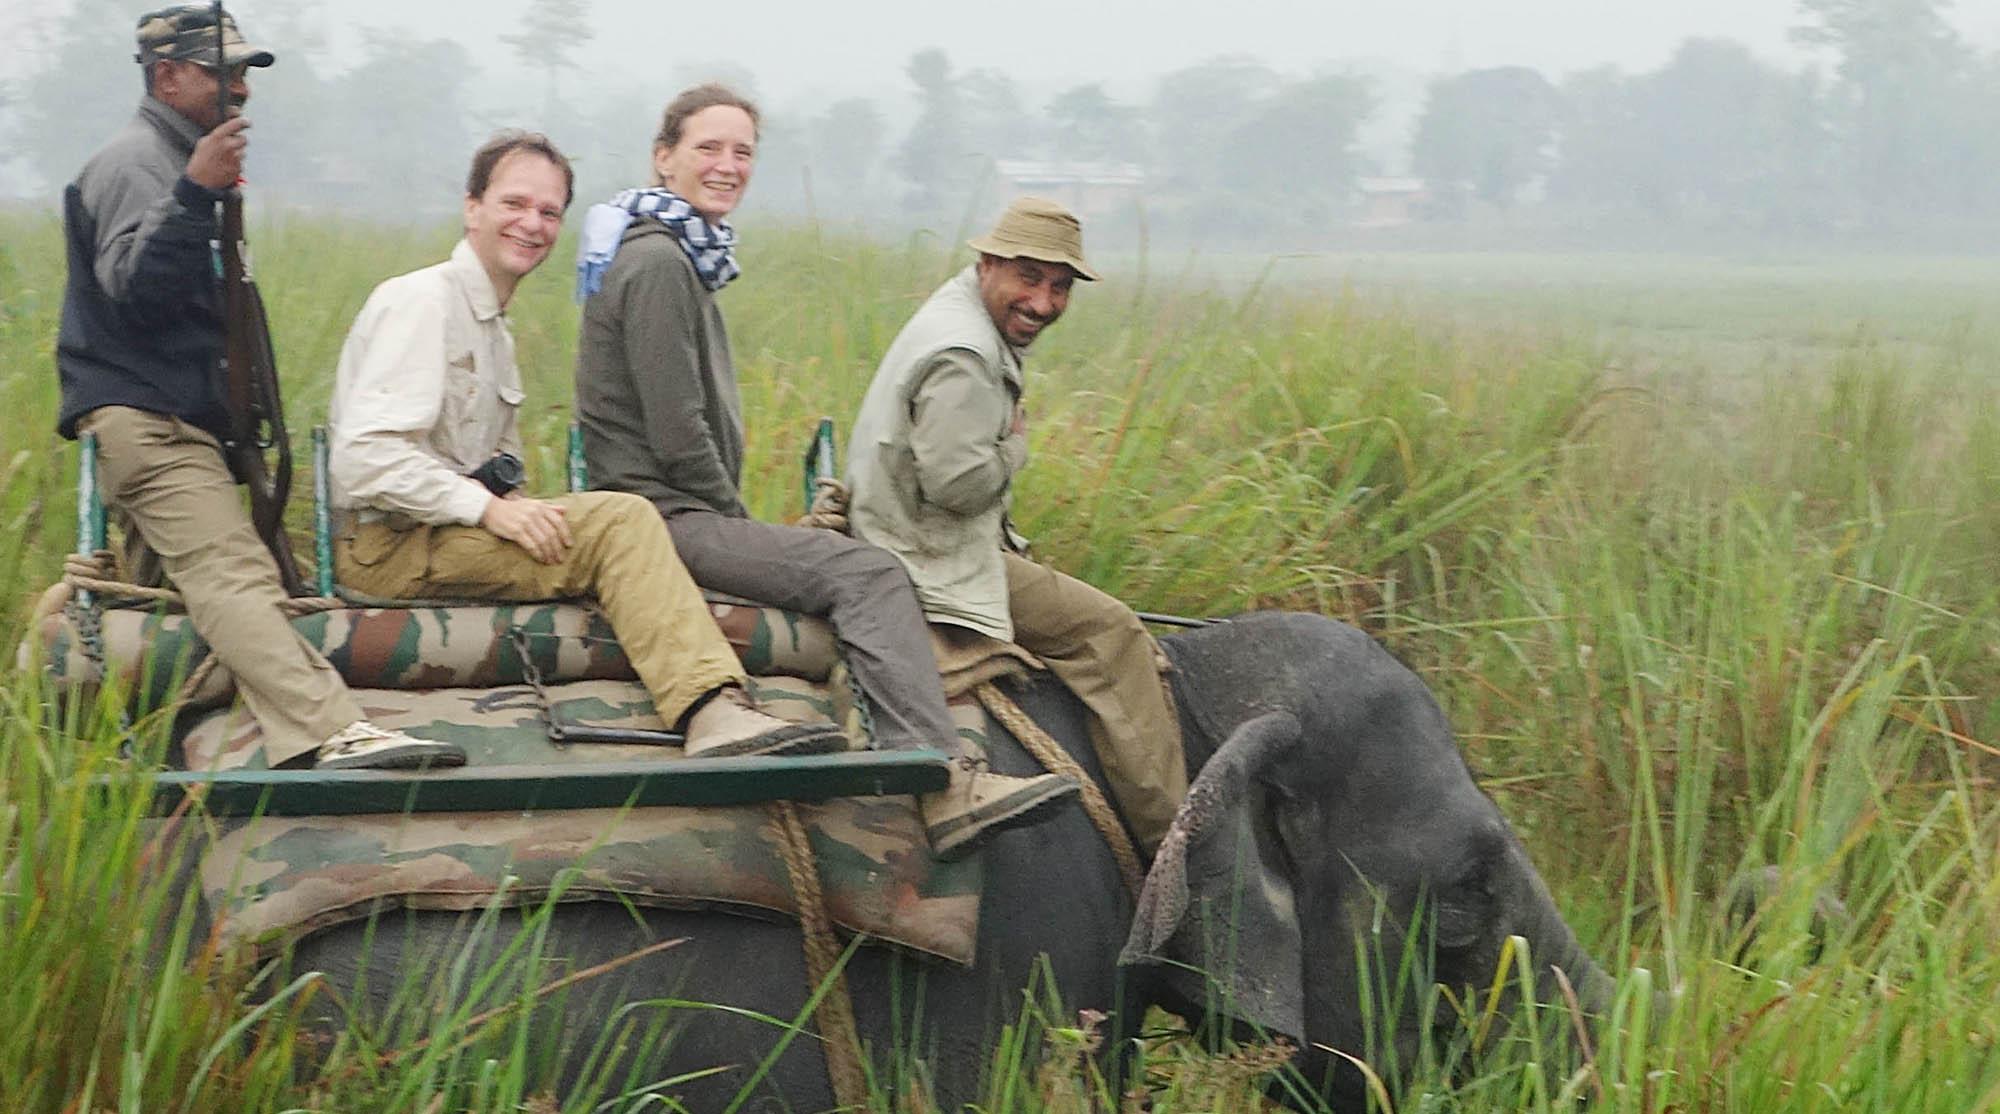 reise-ansichten Elefantensafari Kaziranga